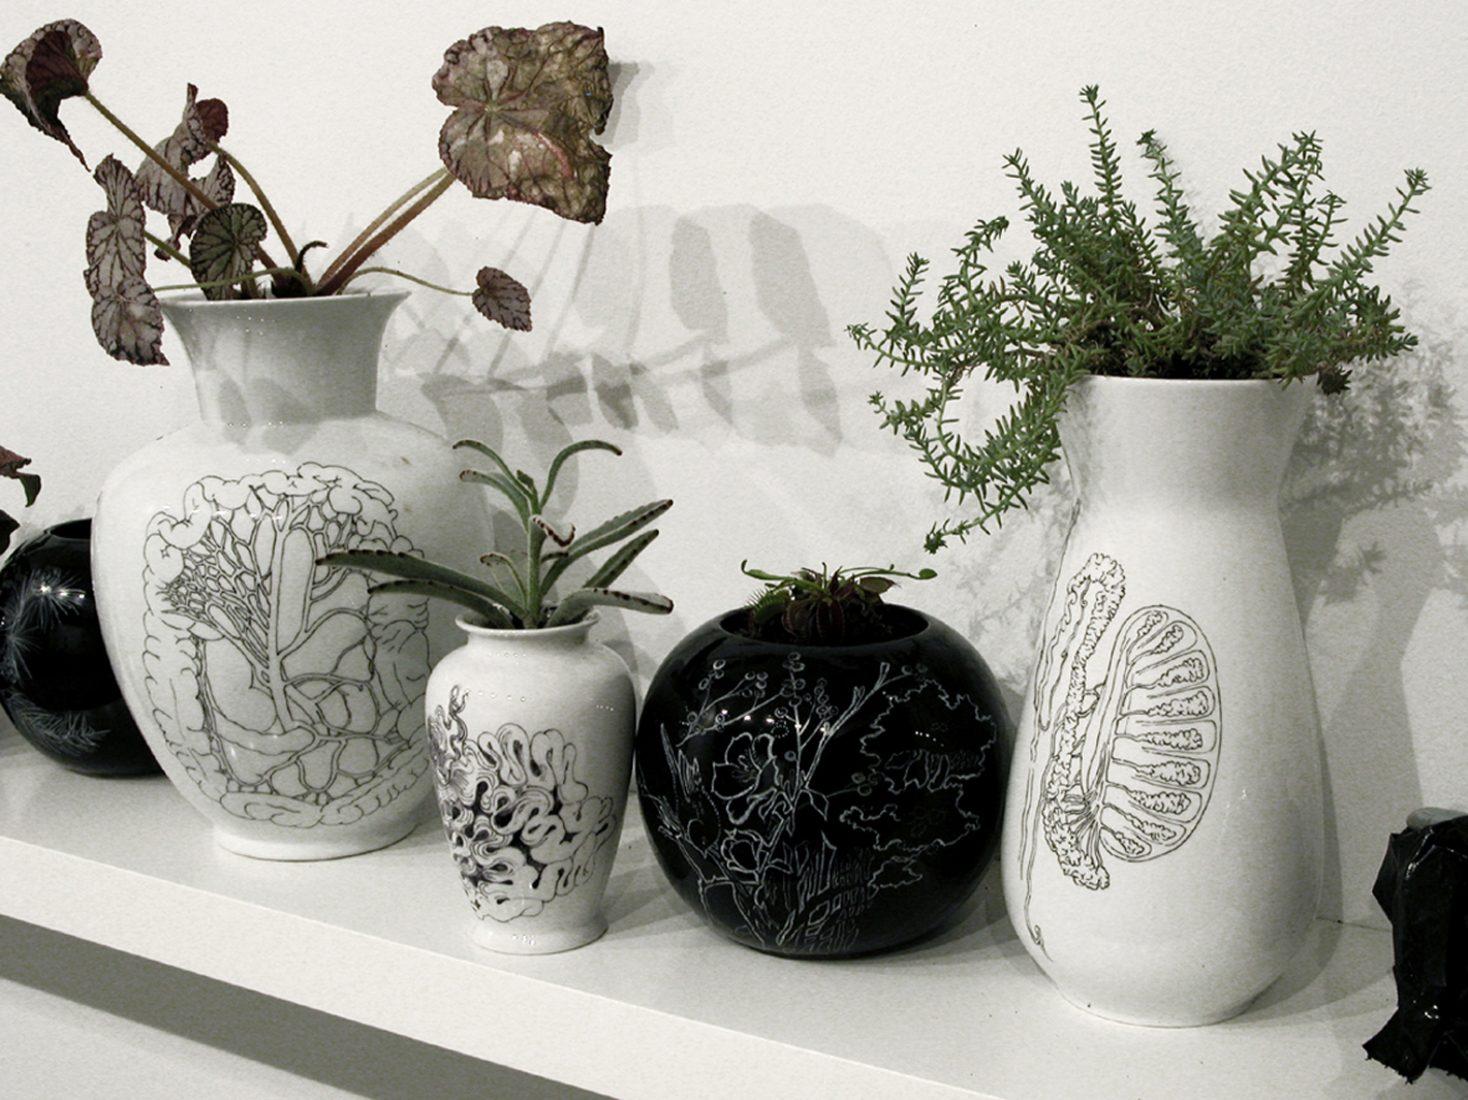 Hand painted porcelain vases, plastic bags, plants